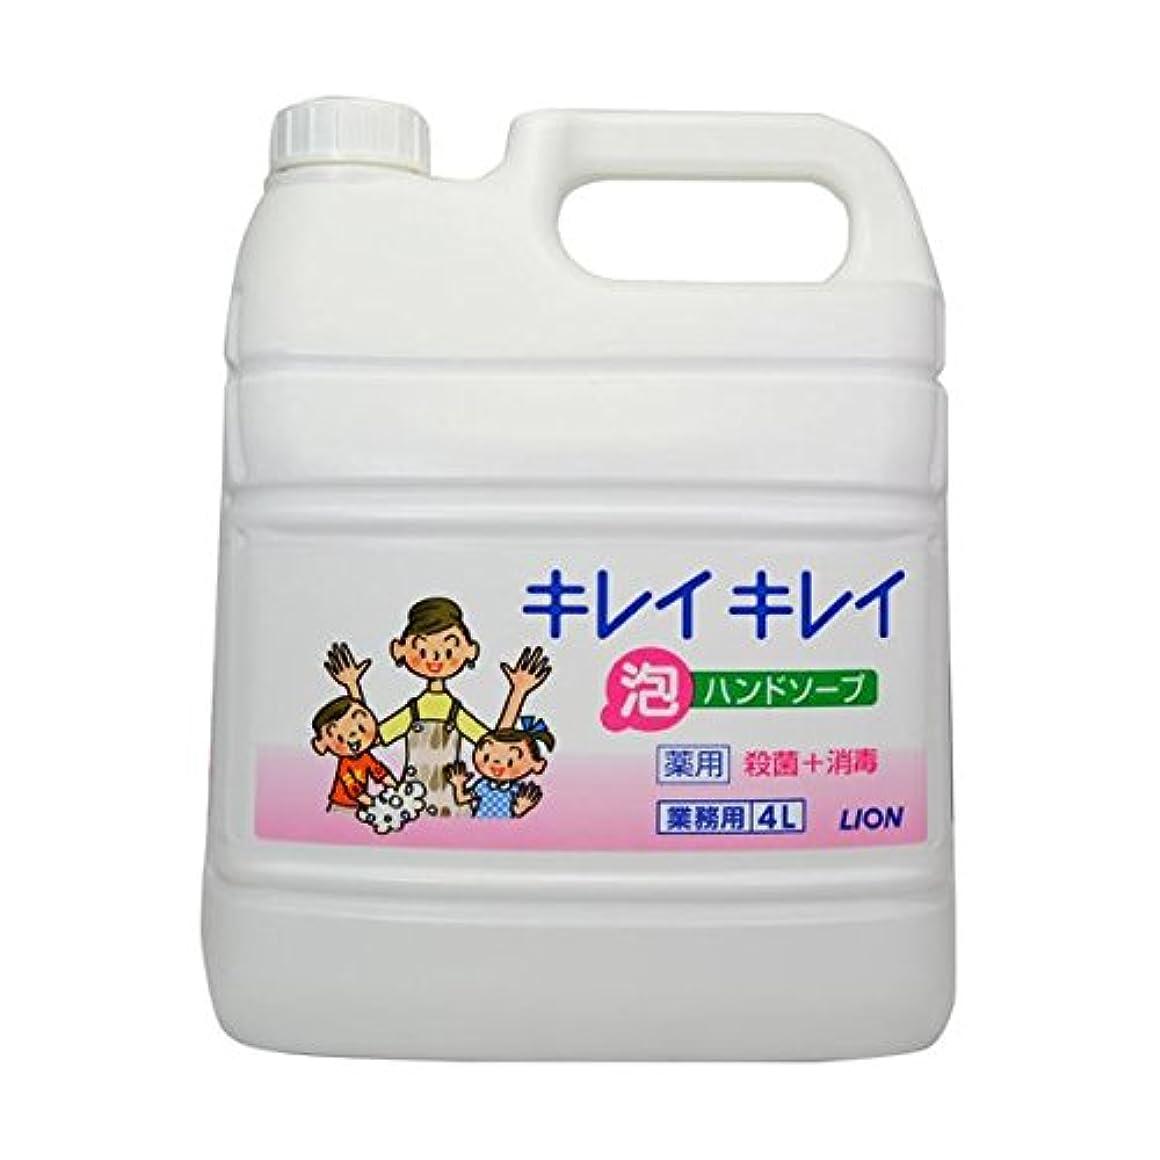 洞窟コメントキャッシュキレイキレイ薬用泡ハンドソープ 4Lボトル×2個+専用泡容器700mLセット